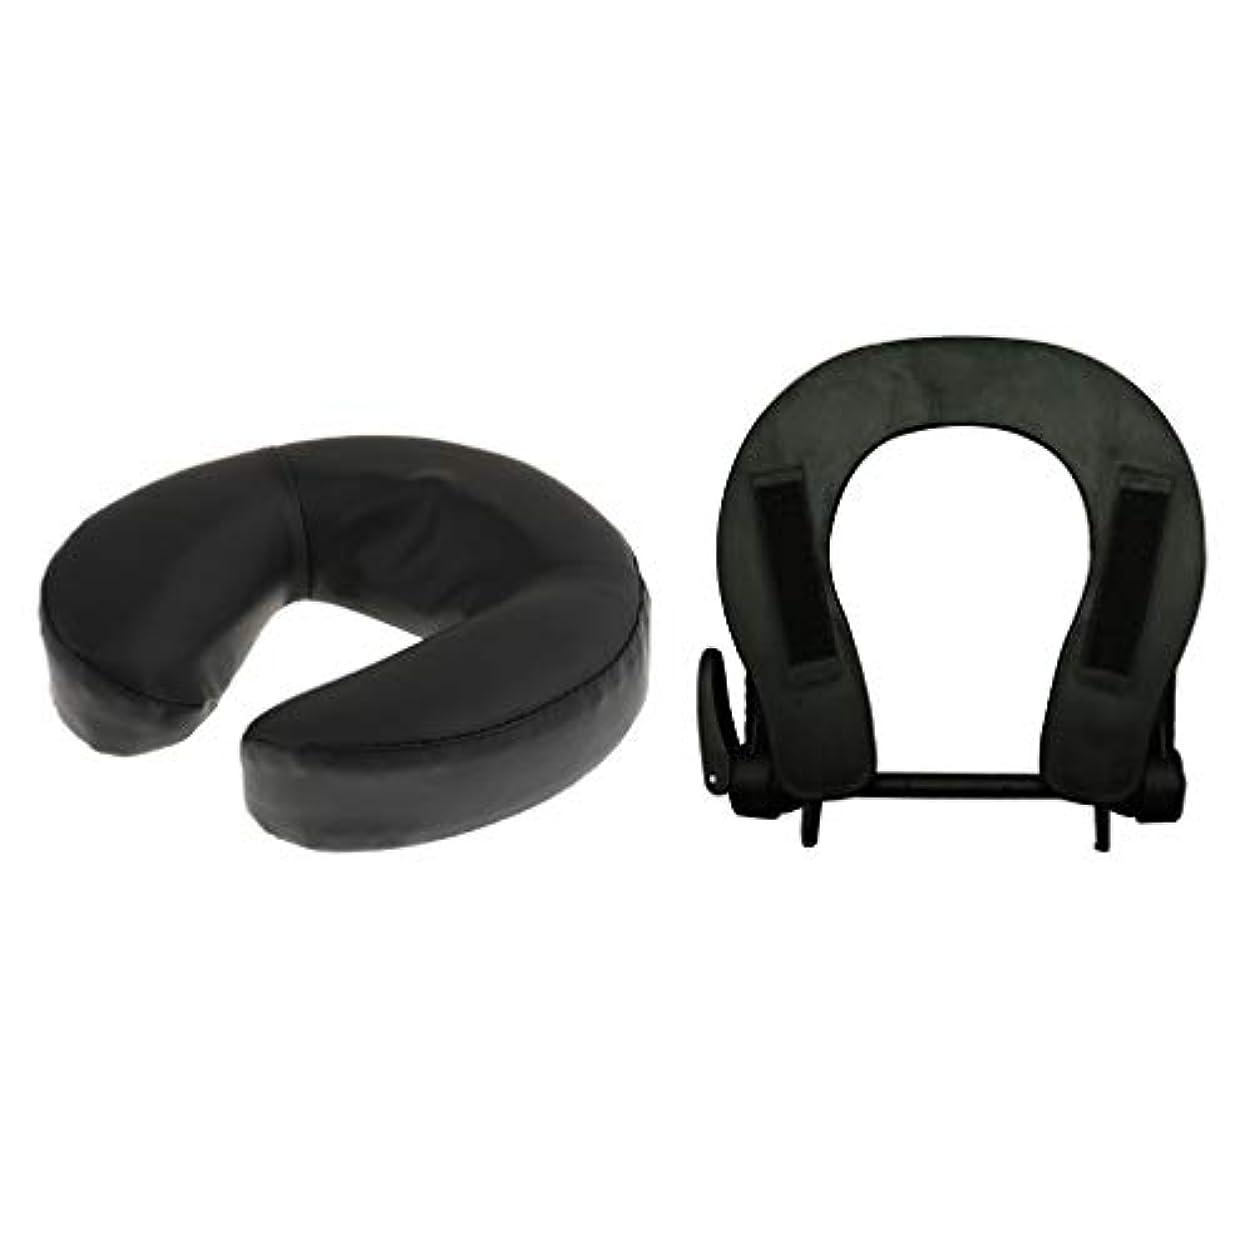 ポイント蒸し器キャリアフェイスマット 顔マクラ マッサージ枕 顔枕 フェイスクレードル 調節可能 マッサージテーブル 汎用